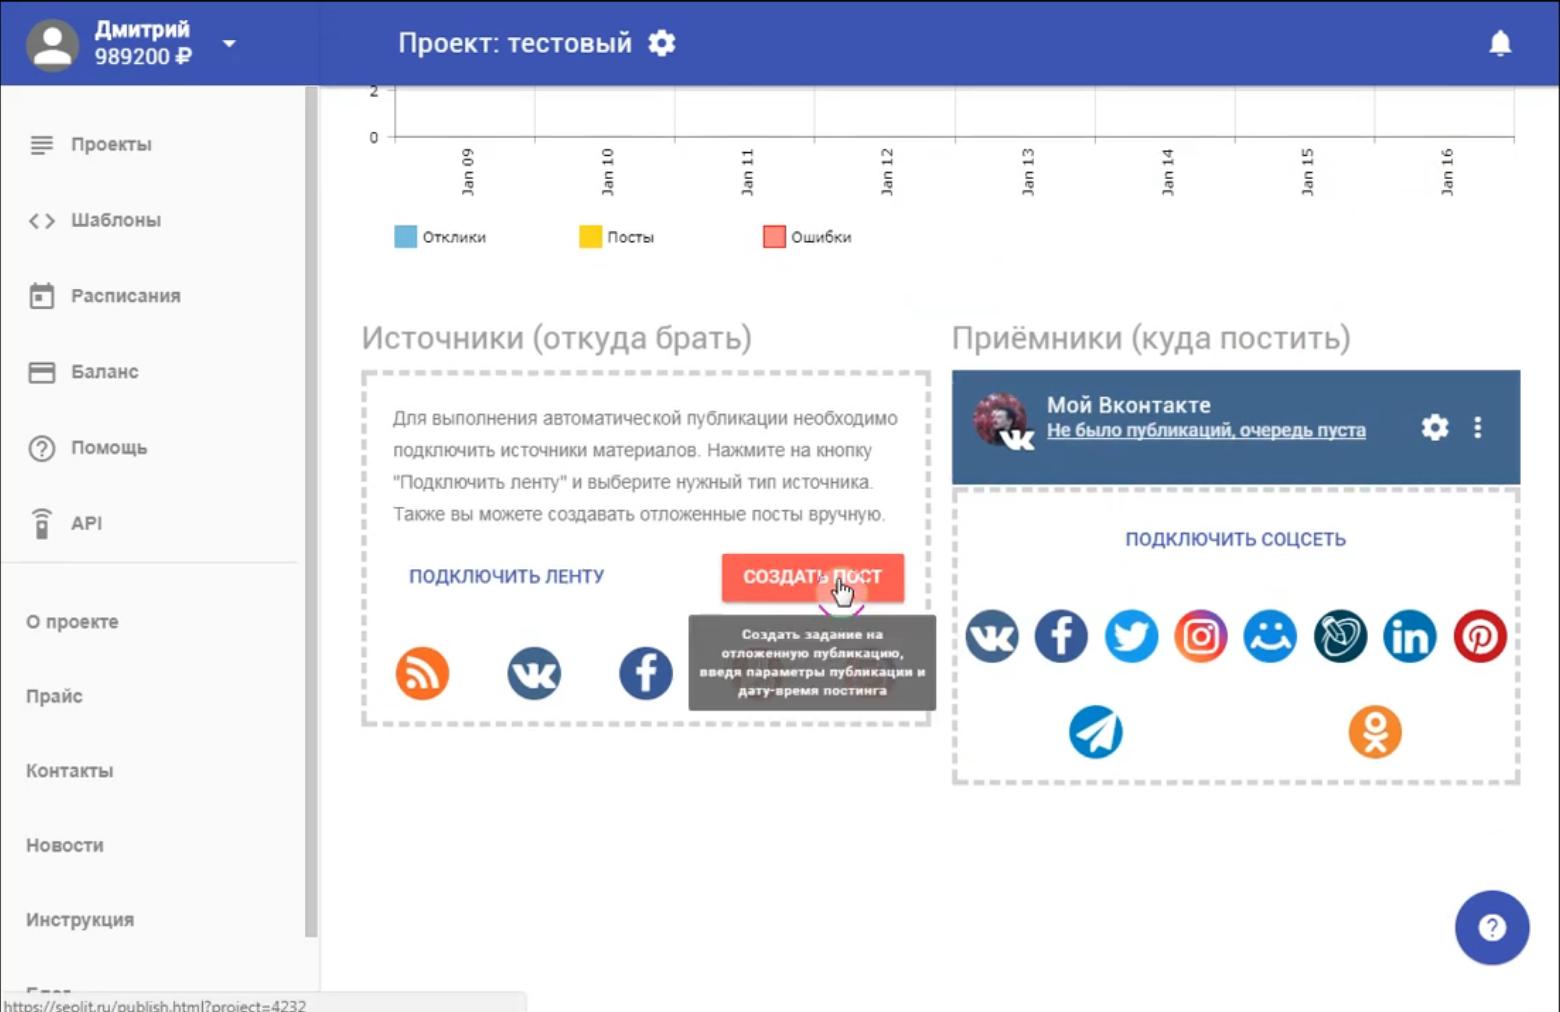 Сервис позволяет запланировать публикации двумя путями: подключить RSS или ATOM-ленту или добавить пост вручную